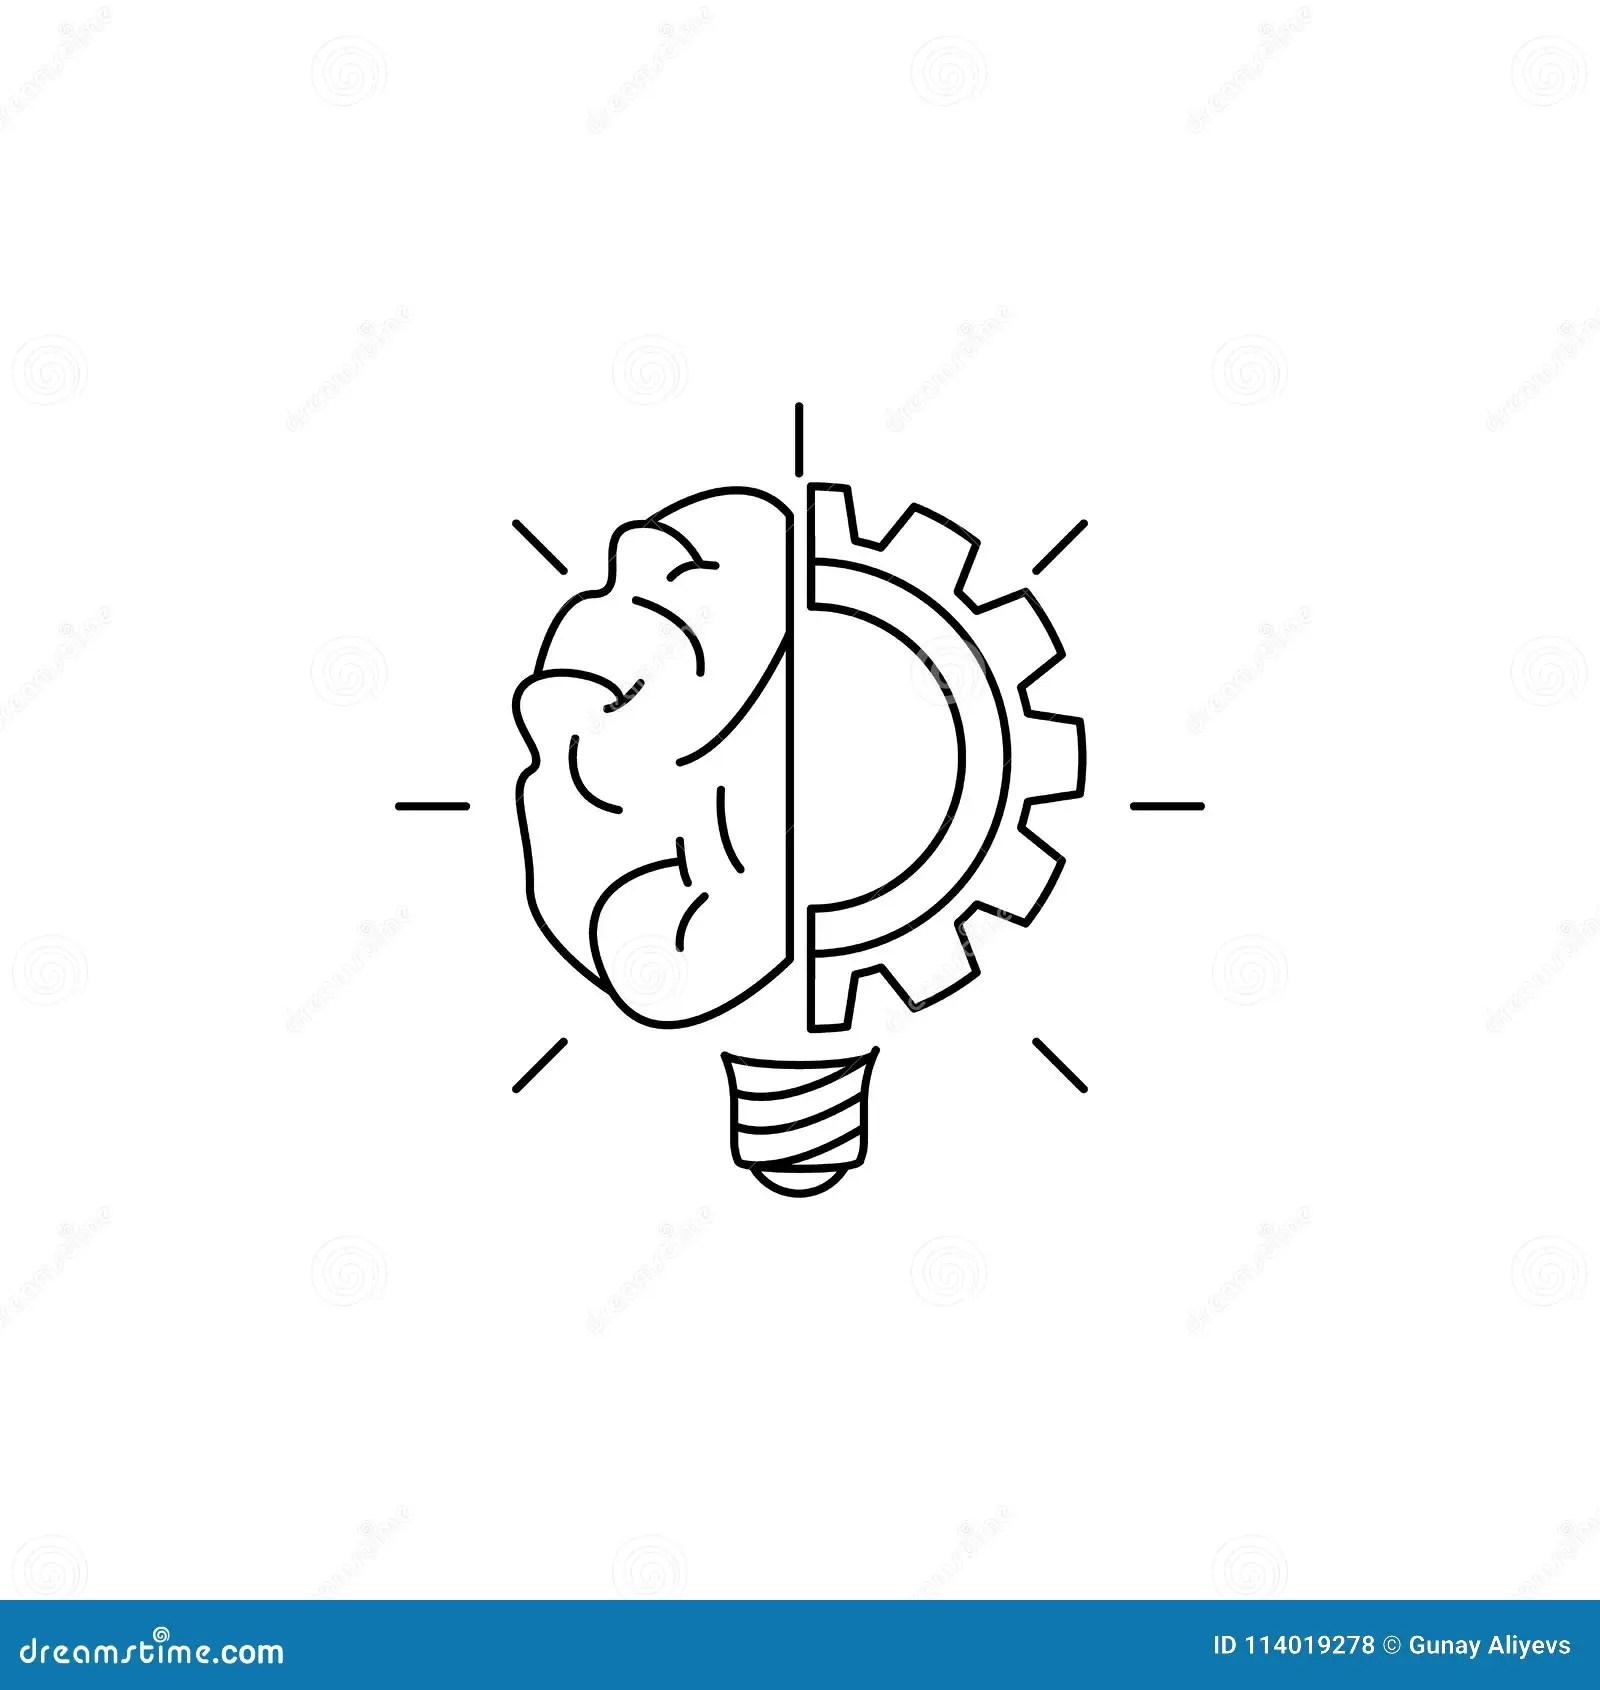 Cerebro Da Lampada E Icone Da Engrenagem Elemento Da Ideia E Das Solucoes Para Apps Moveis Do